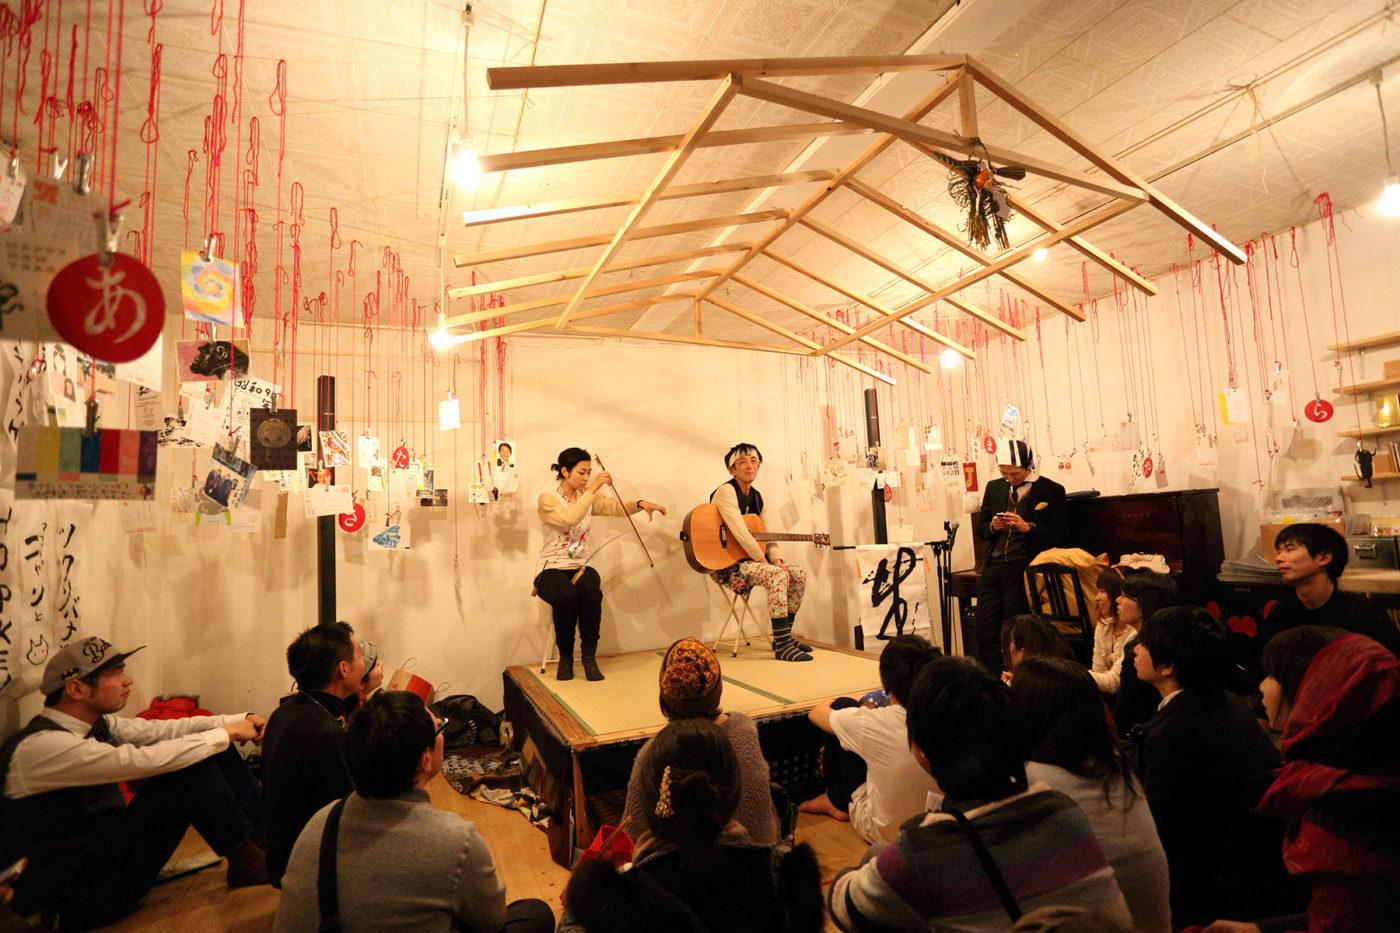 「音楽と演劇の年賀状展」2020年は北浜のFOLK old book storeにて開催